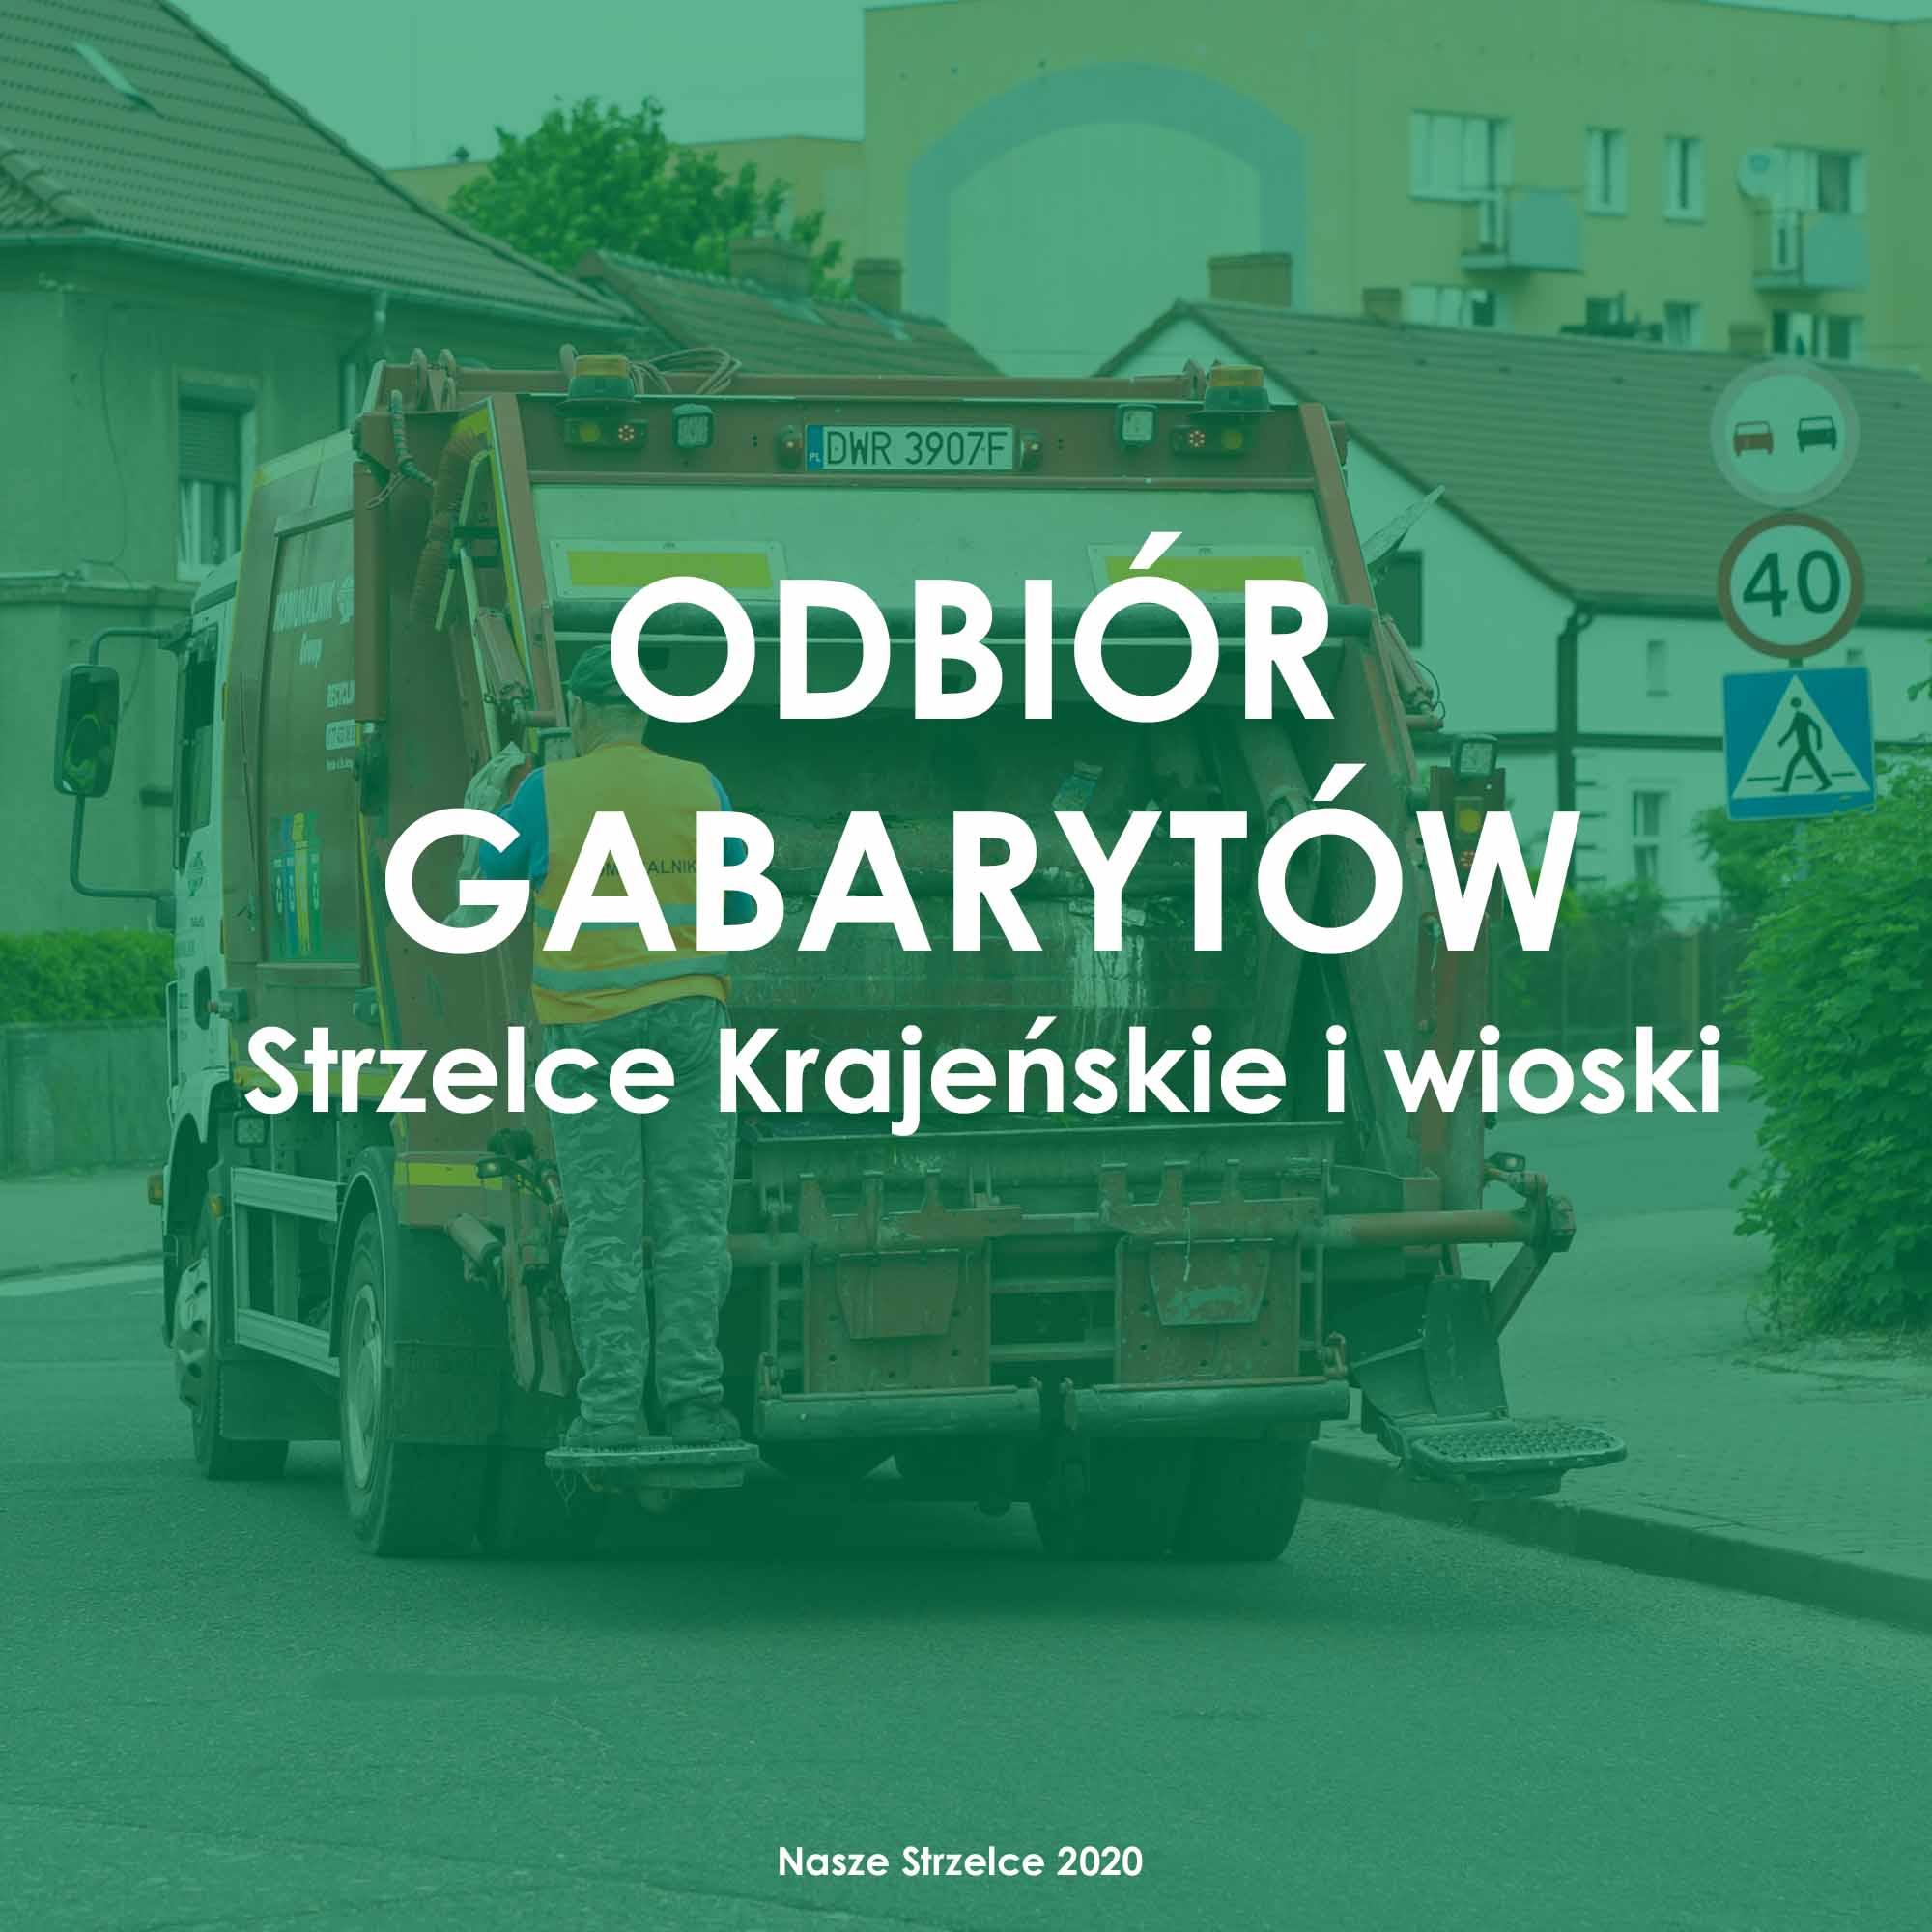 Odbiór odpadów gabarytowych